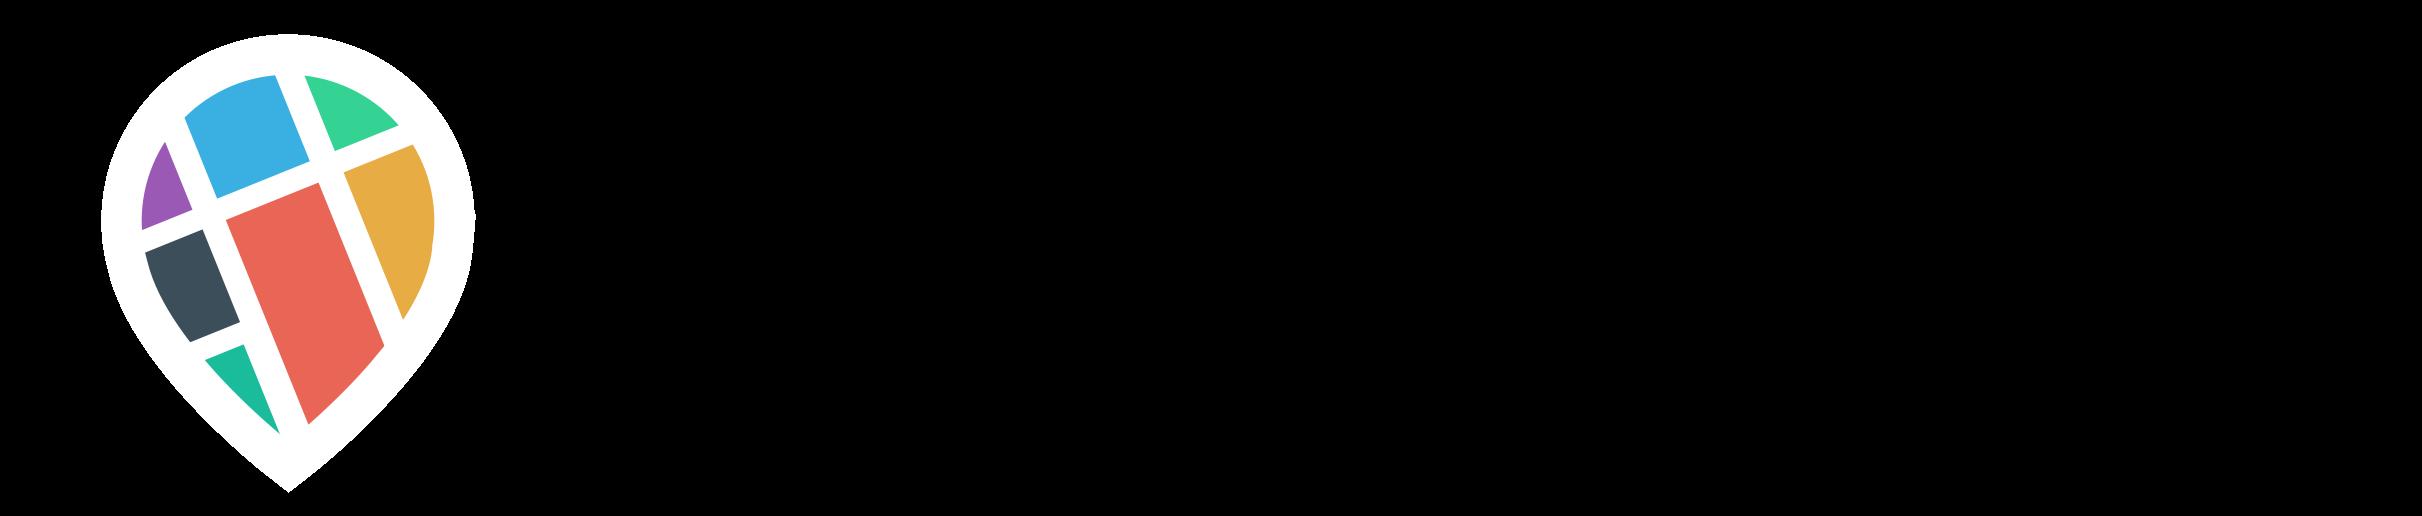 Mapiful logo collaborare